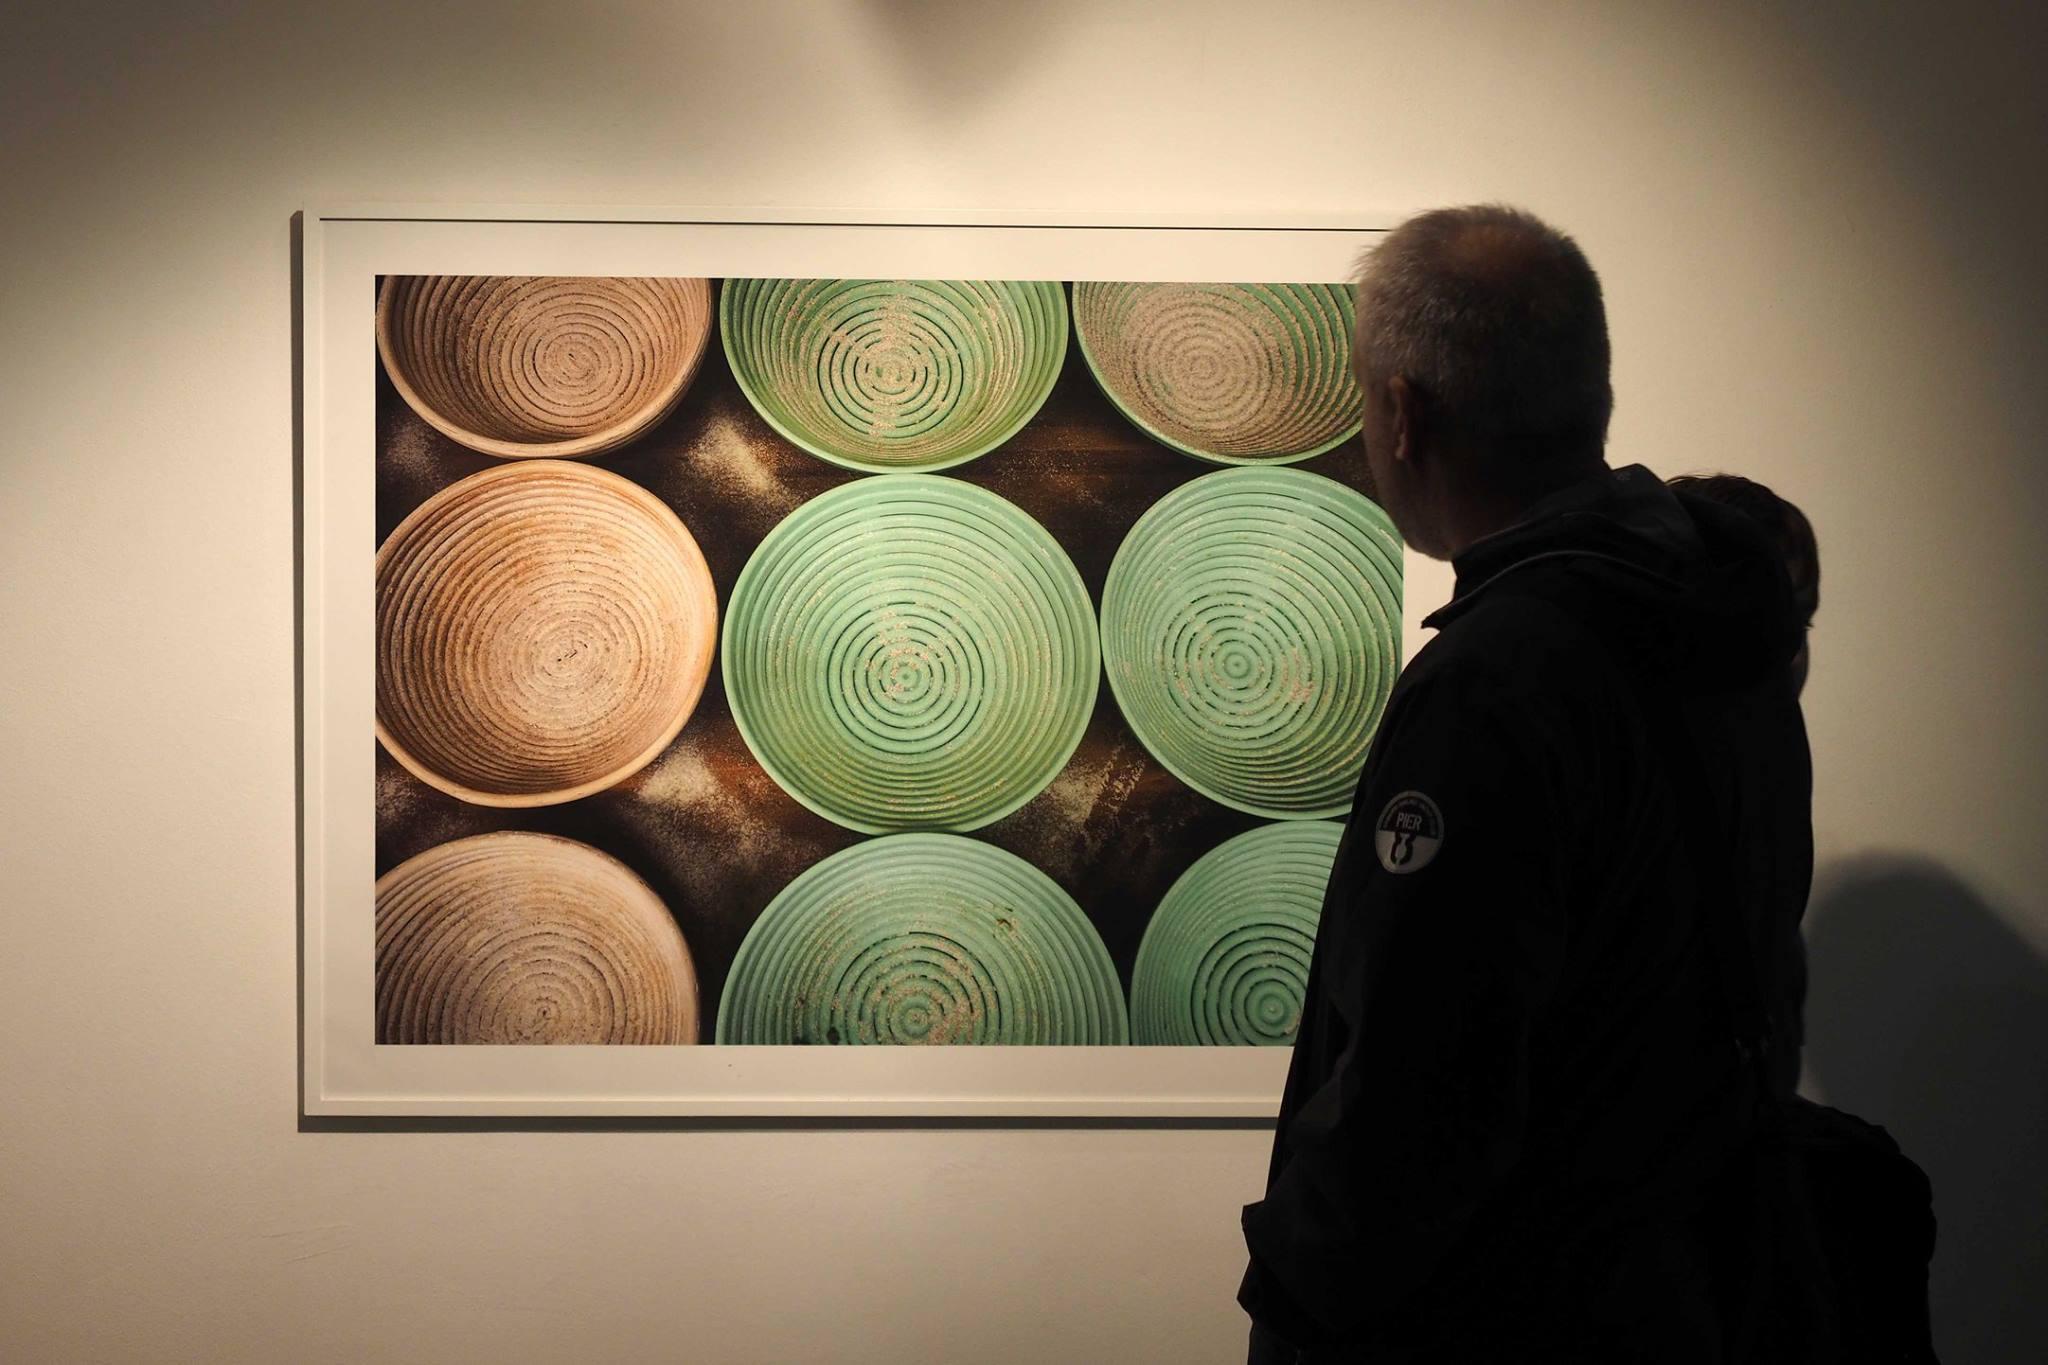 02.10.15 Inauguración de la exposición Harina Blanca, fotografías de Tino Soriano al espacio Eat Arte de Banyoles. Foto: Pere Duran